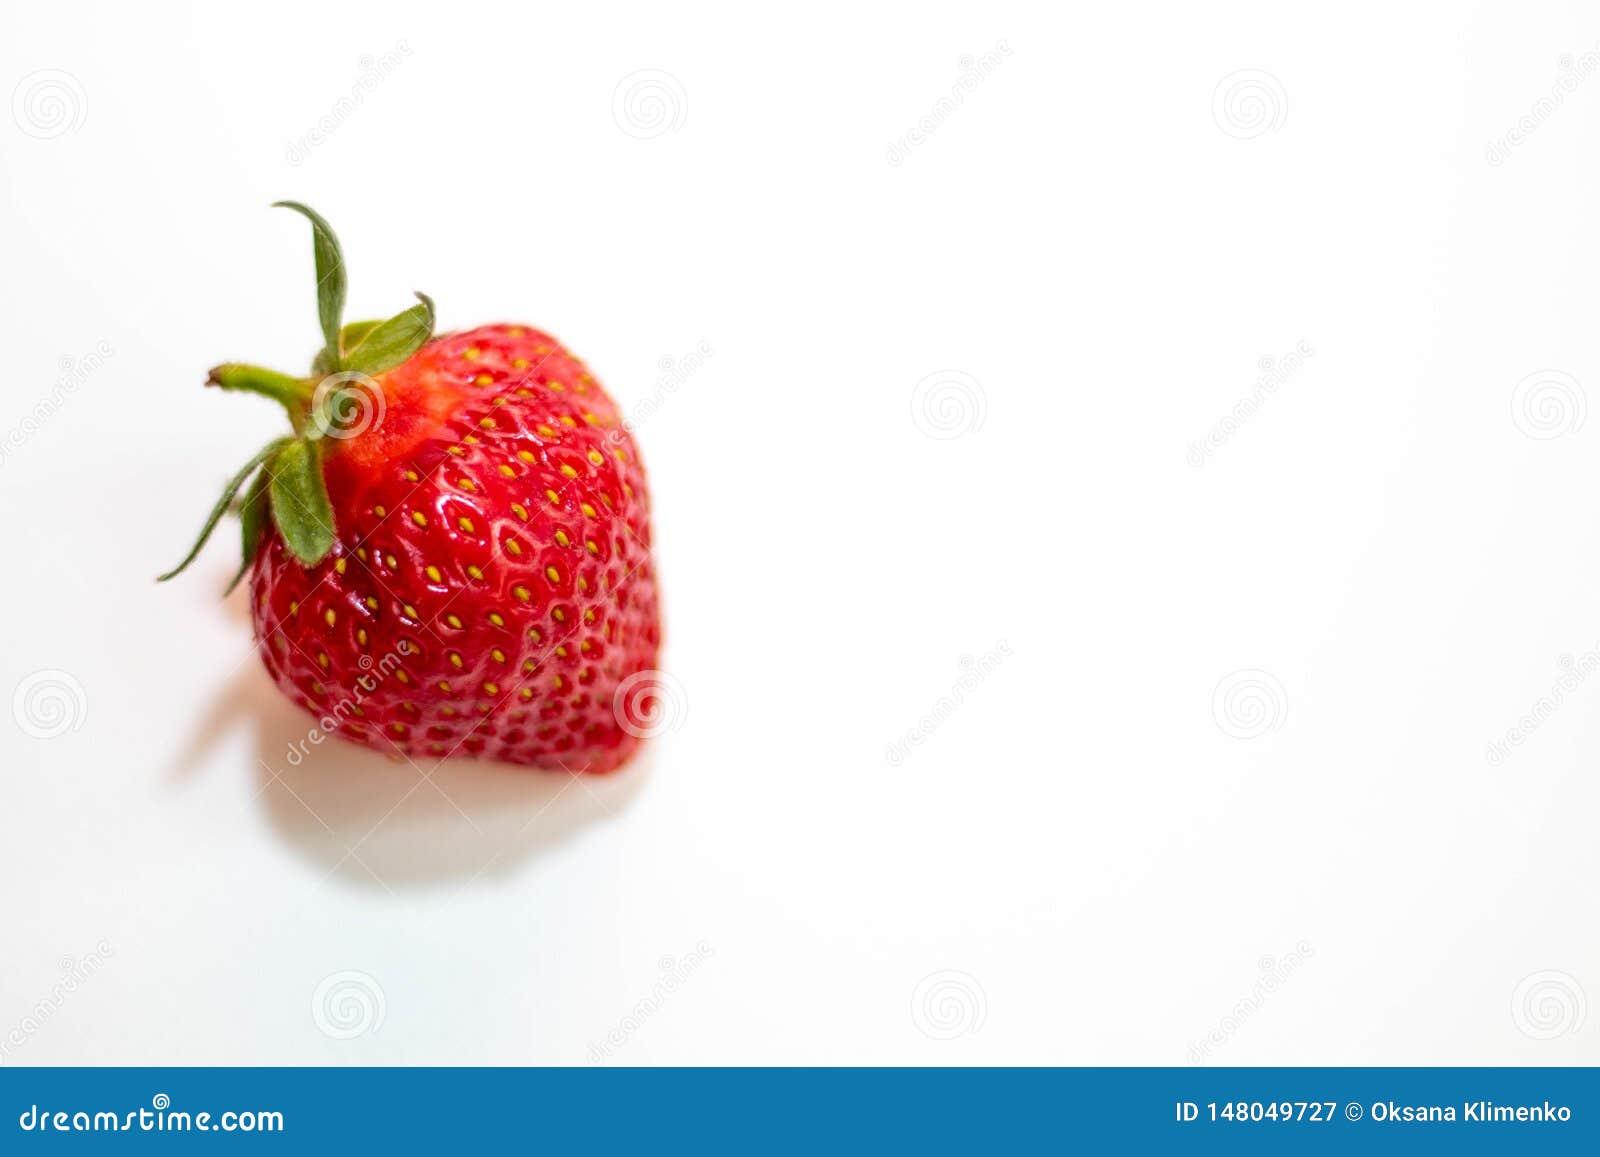 Μια όμορφη κόκκινη φράουλα με μια πράσινη ουρά βρίσκεται σε ένα άσπρο υπόβαθρο